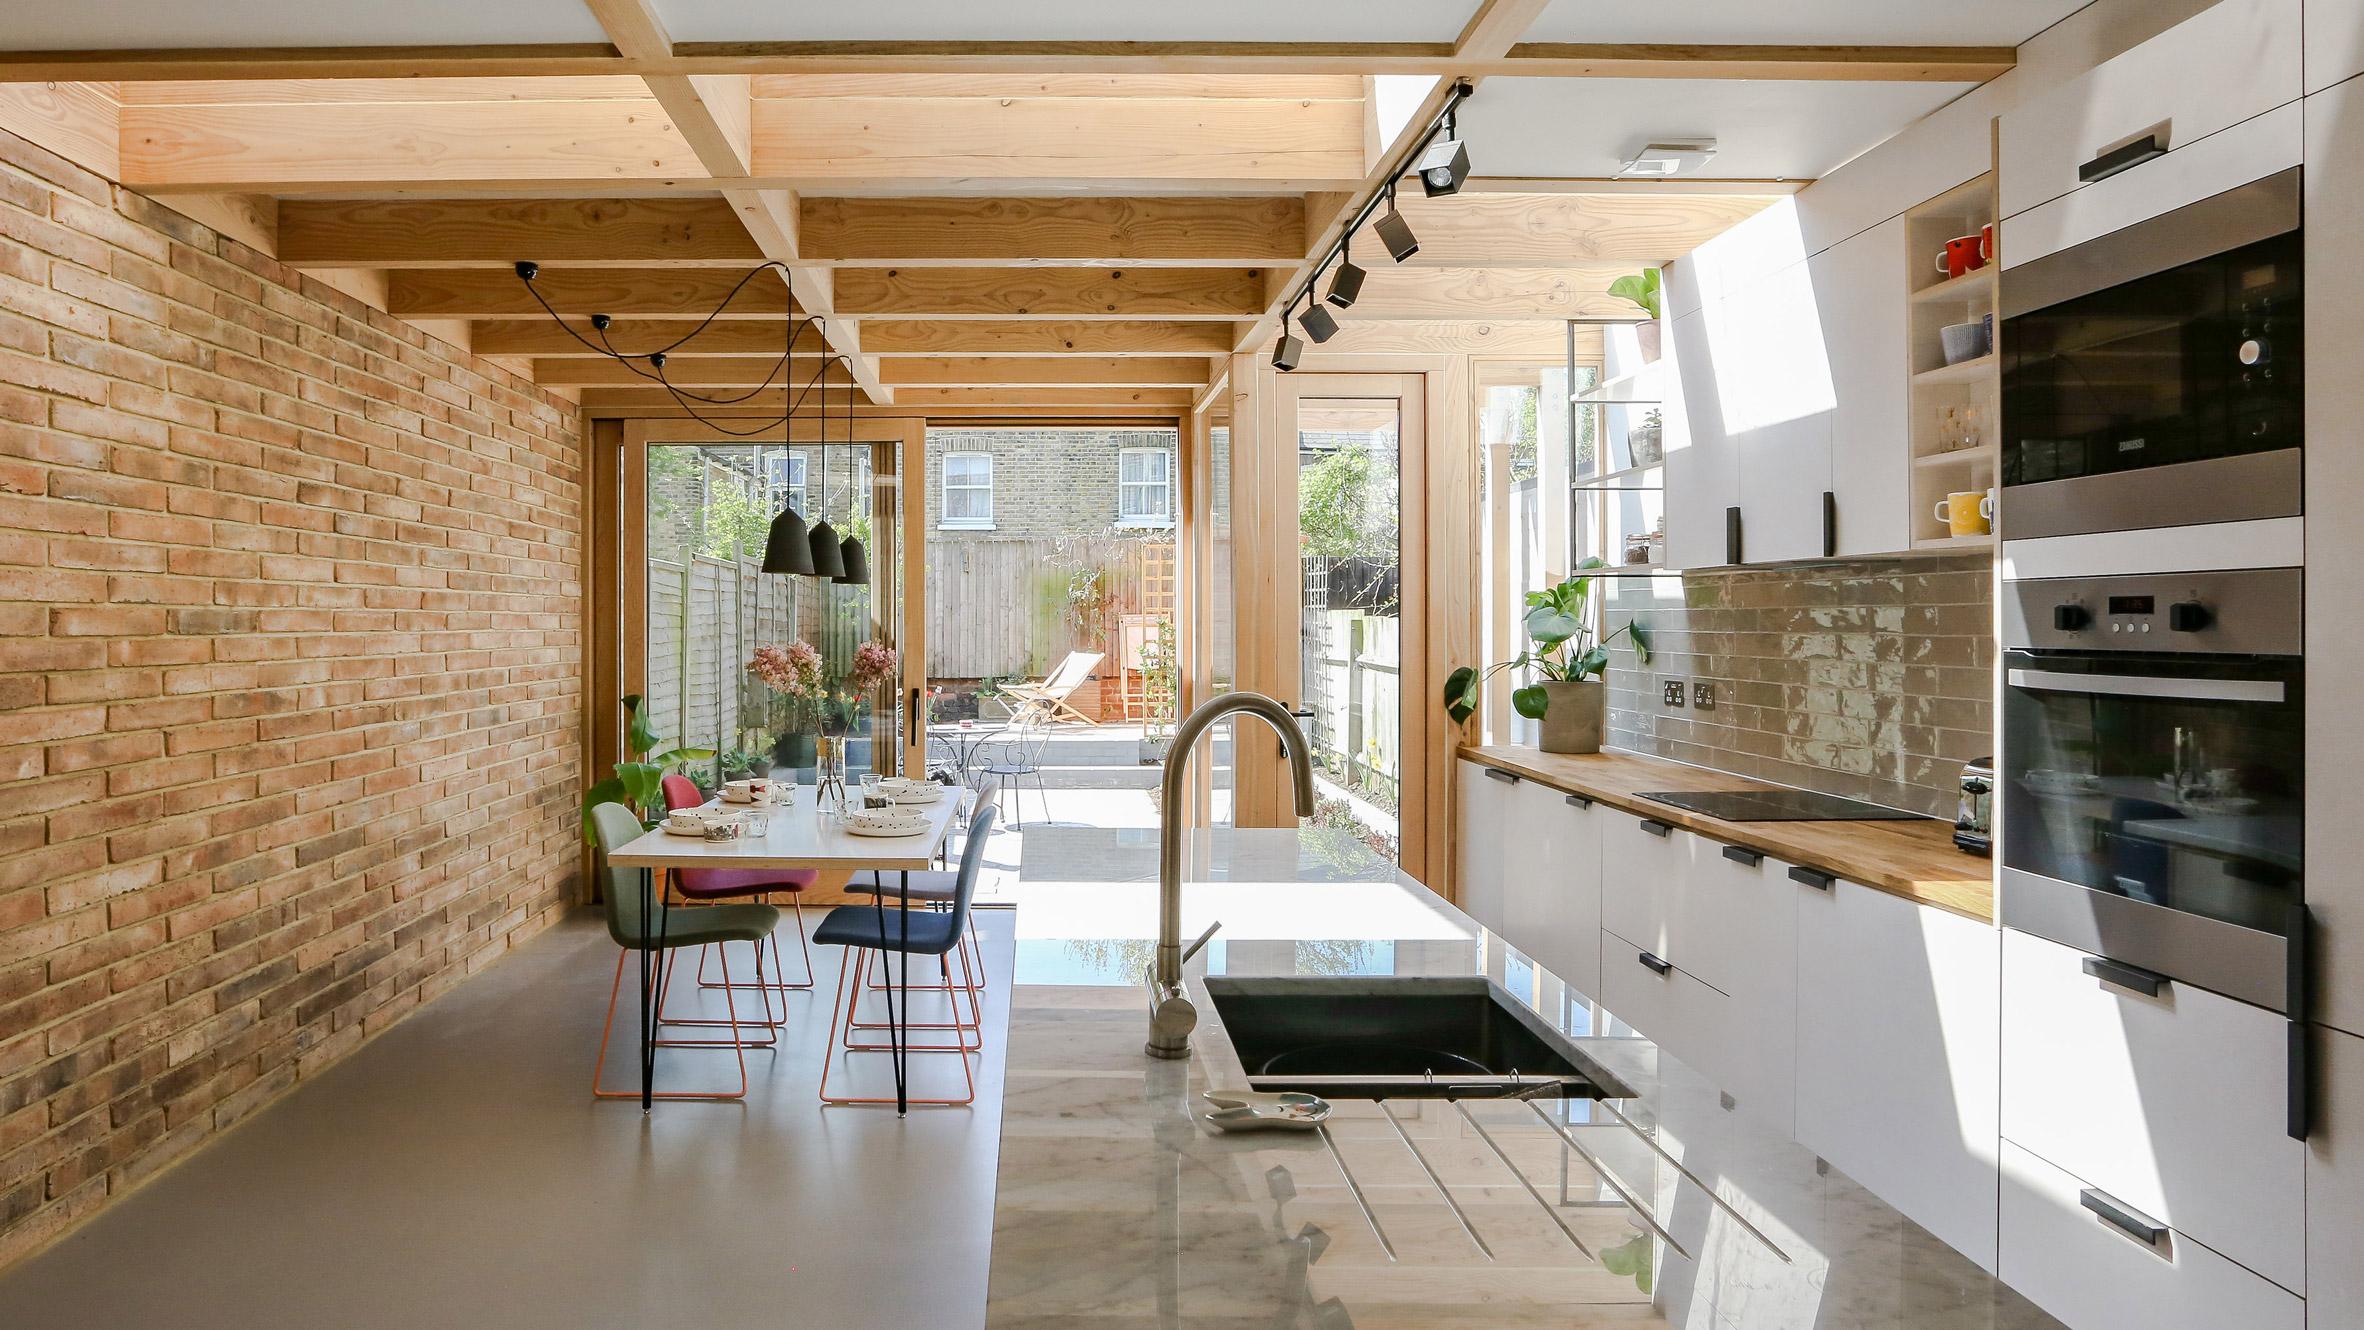 Thuiskantoor Uitbouw Tuin : Nimtim architecten ontwerpt gave uitbouw voor dit huis i love my